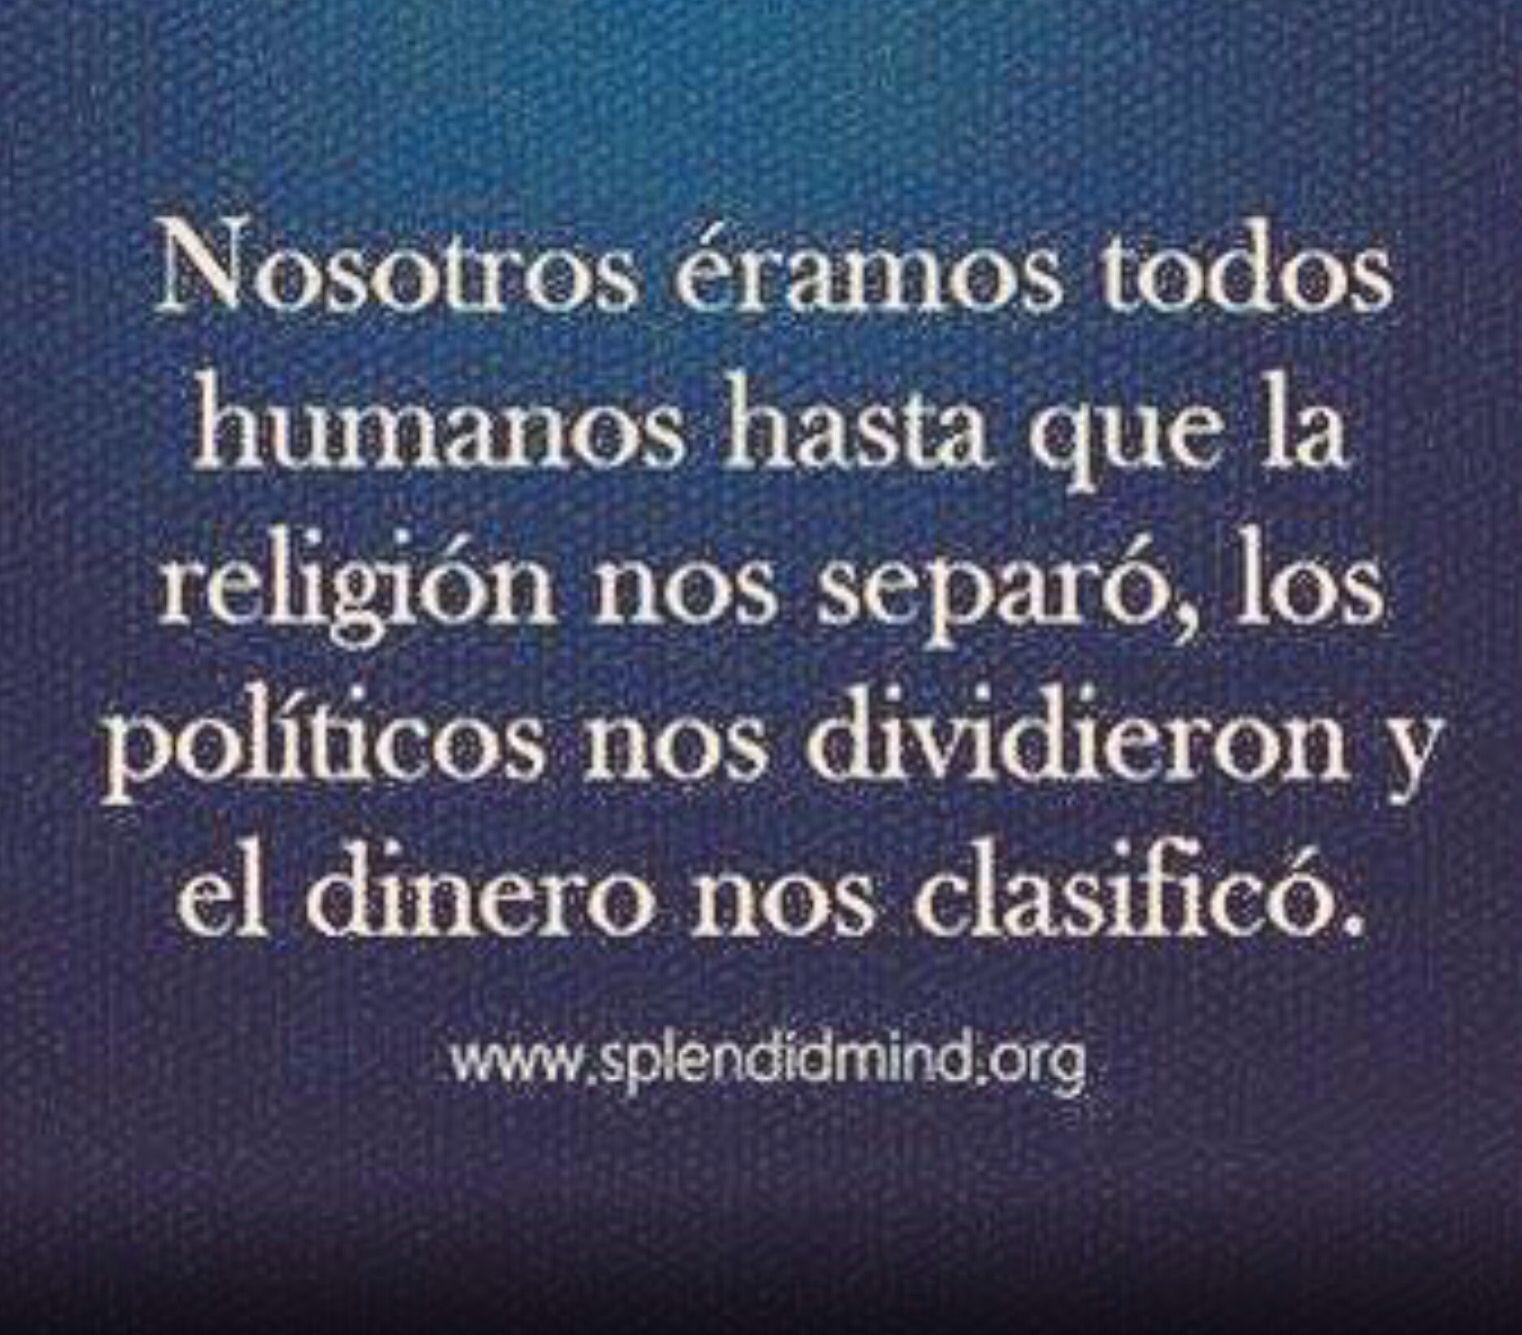 La religión separa, los políticos dividen, el dinero clasifica. Shame! |  Divididos frases, Política, Citas en español